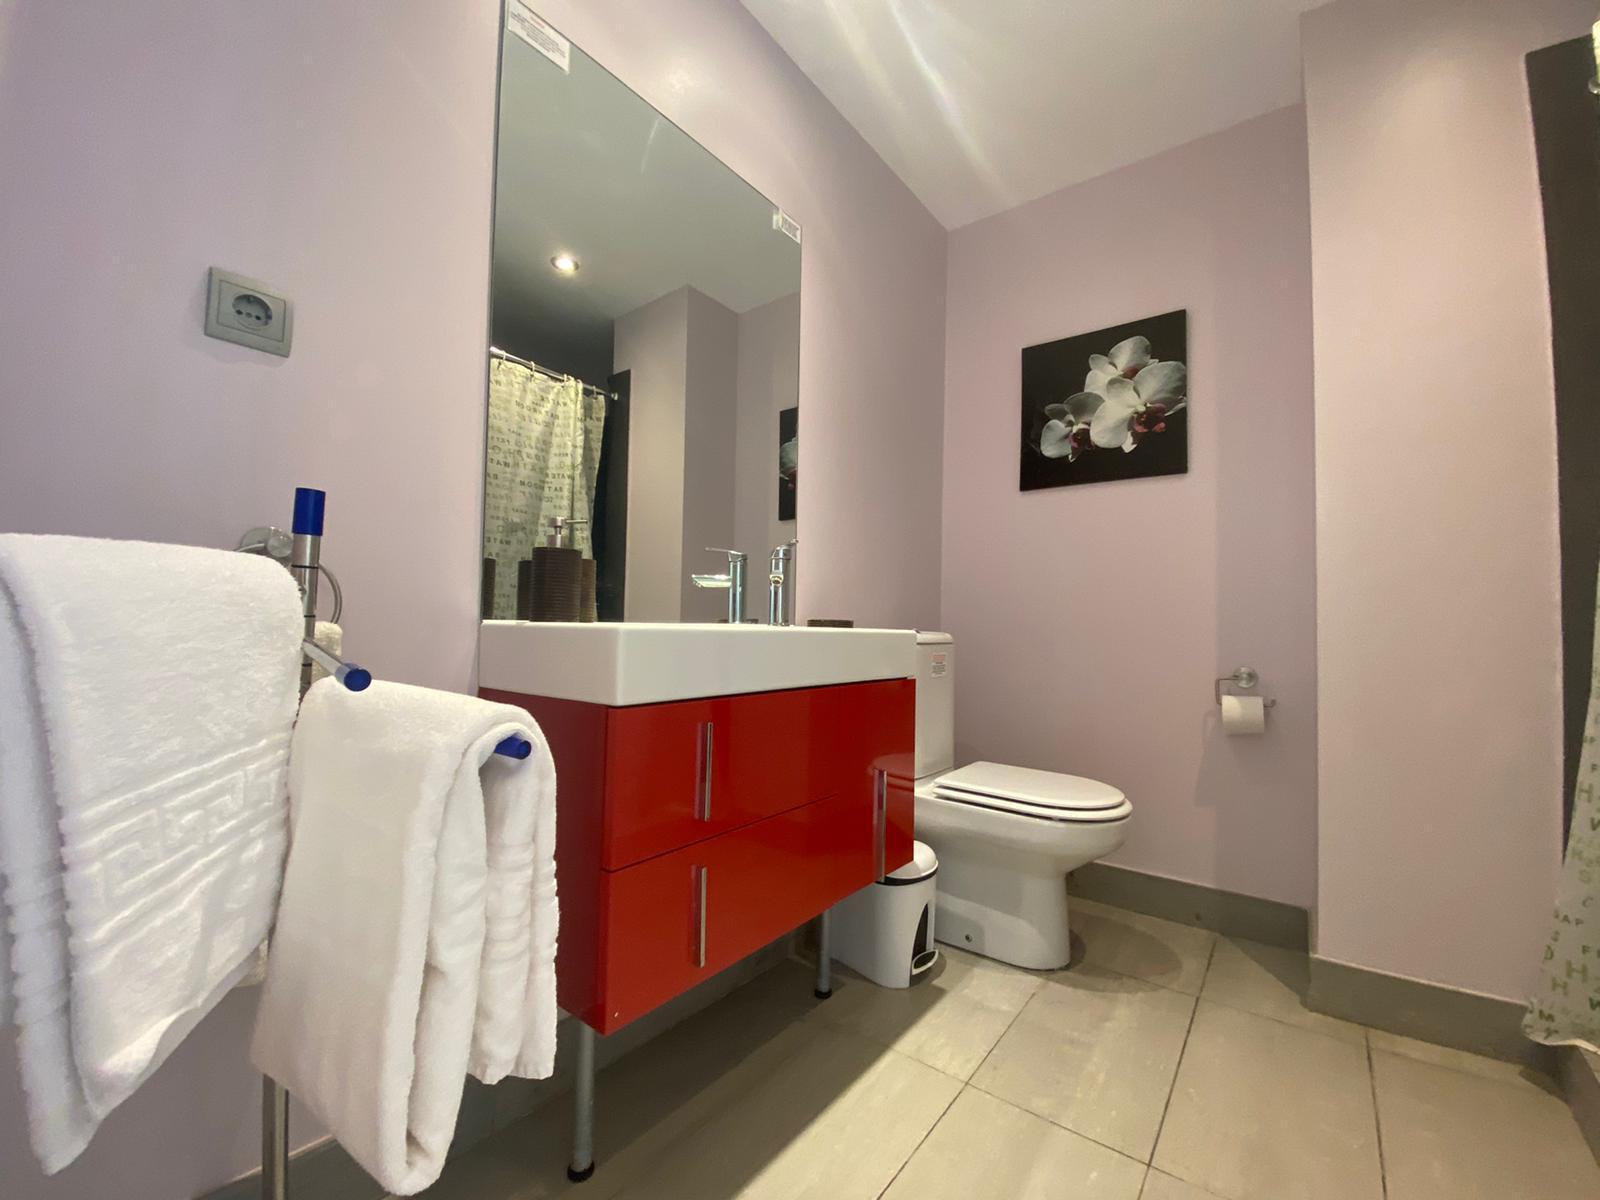 Imagen 12 del Apartamento Turístico, Ático 6 Central (3d+2b), Punta del Moral (HUELVA), Paseo de la Cruz nº22